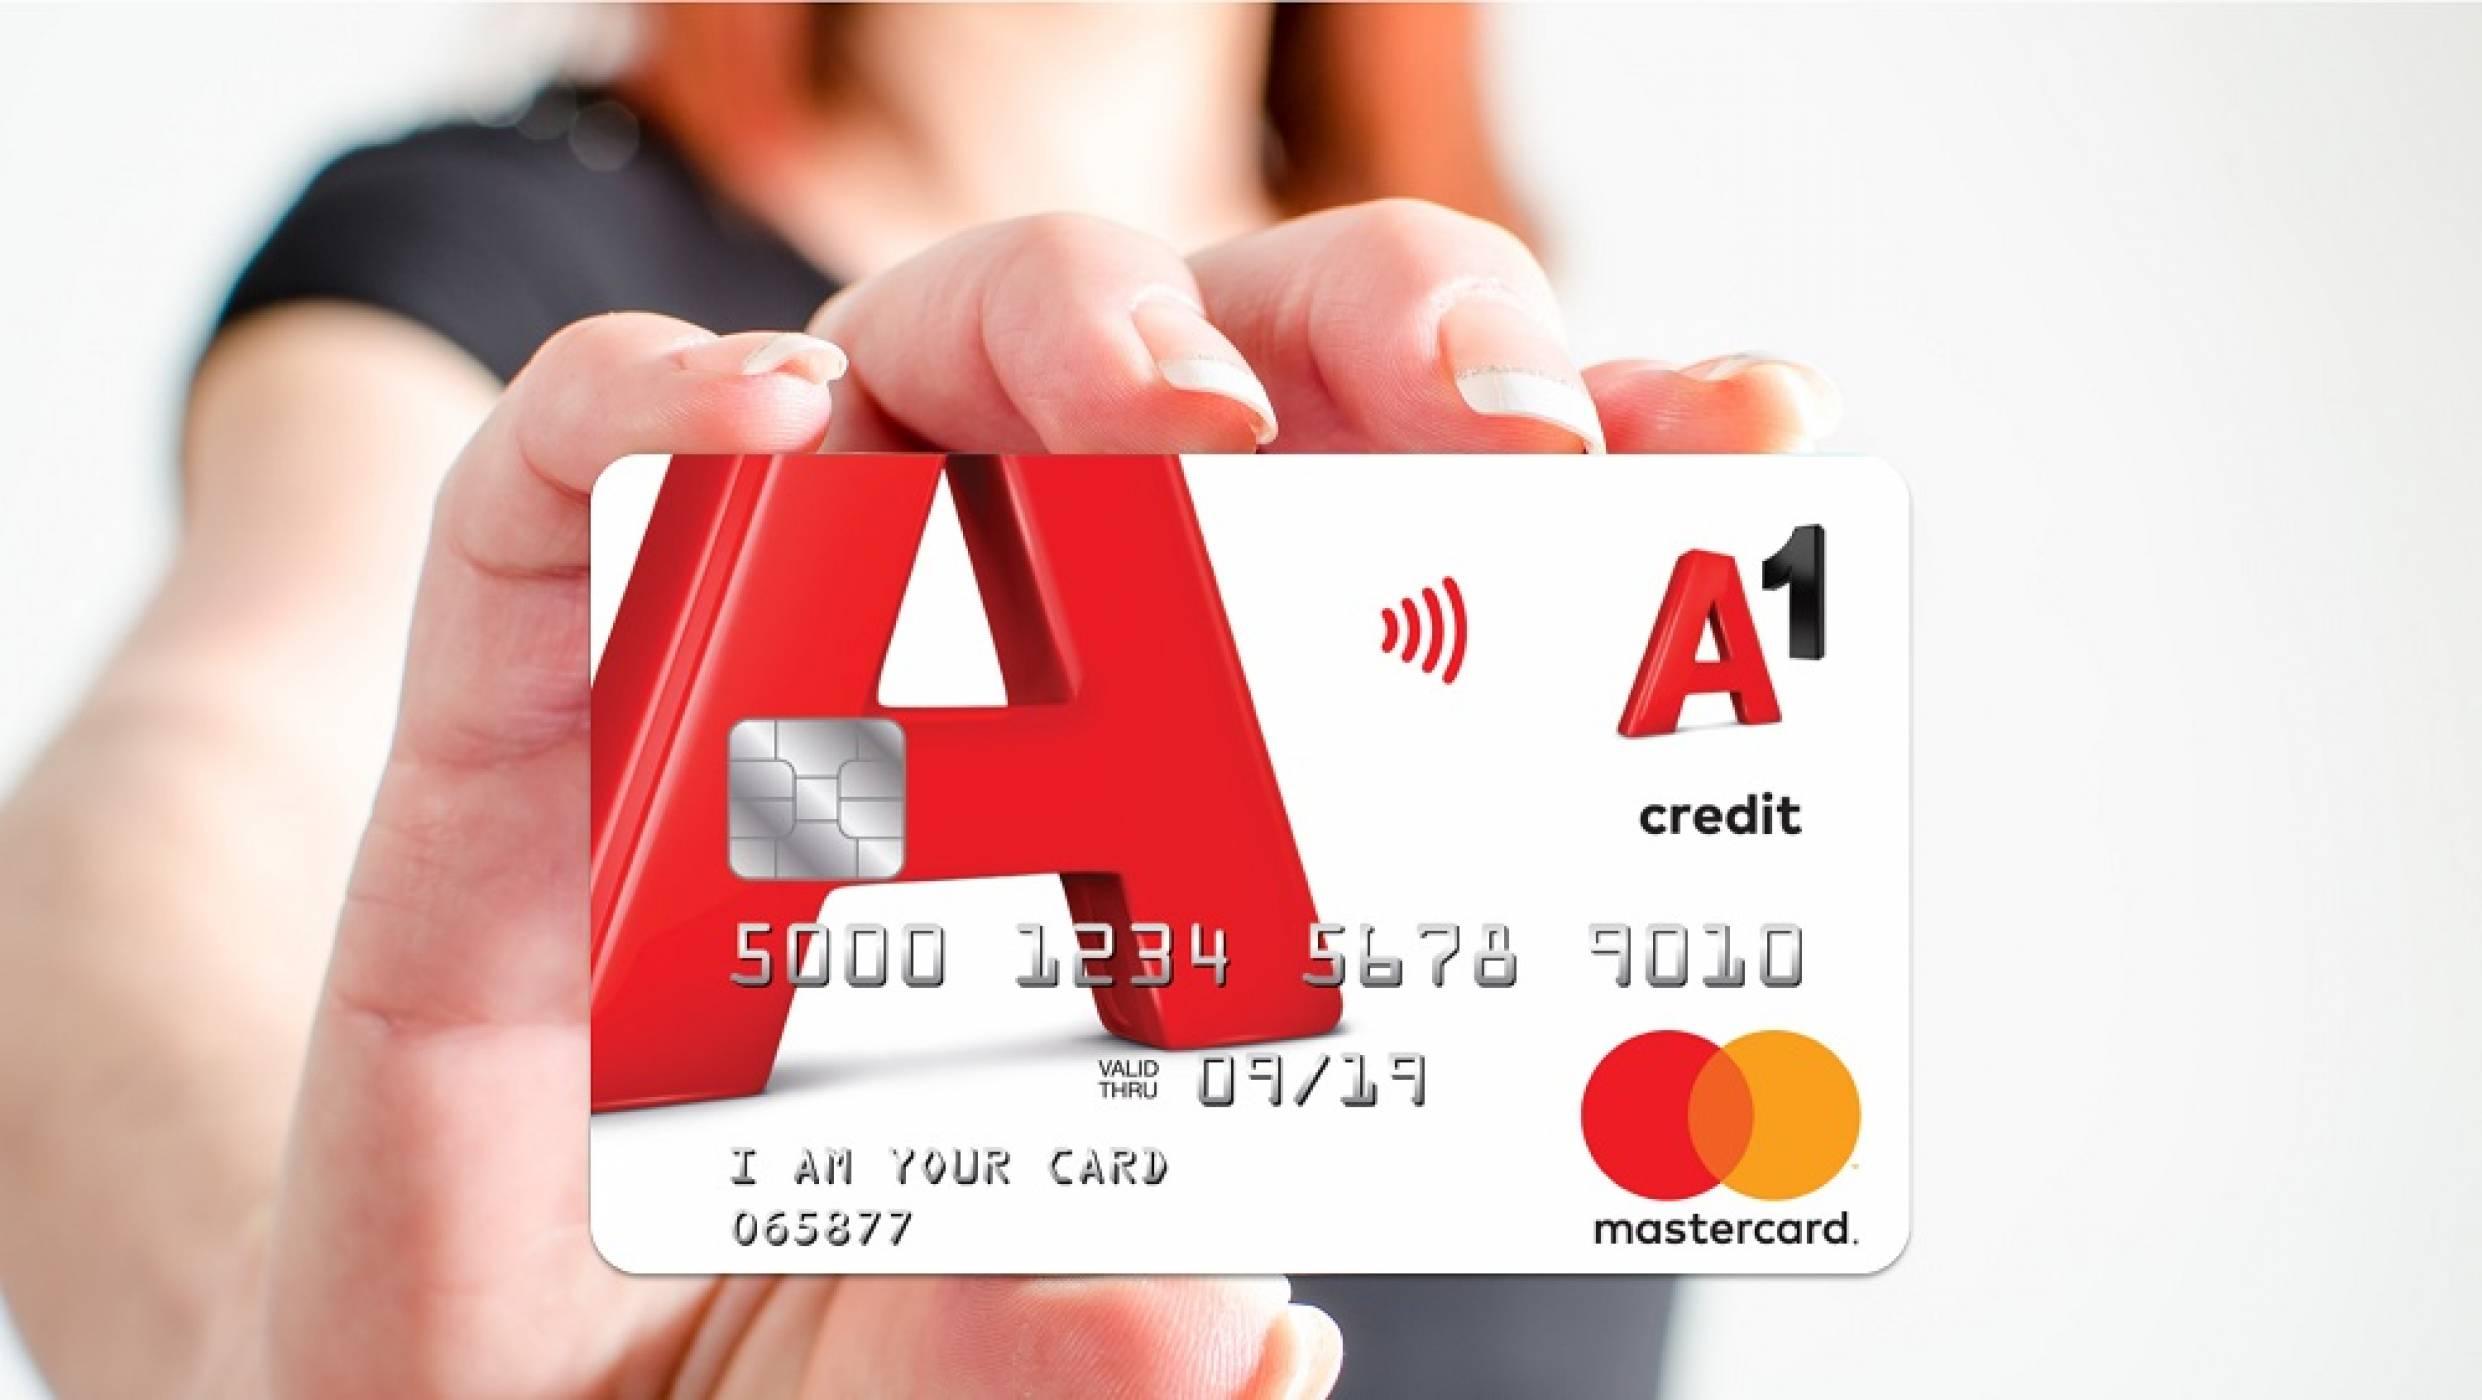 Дигитален портфейл и преференциална кредитна карта идват за абонати на A1